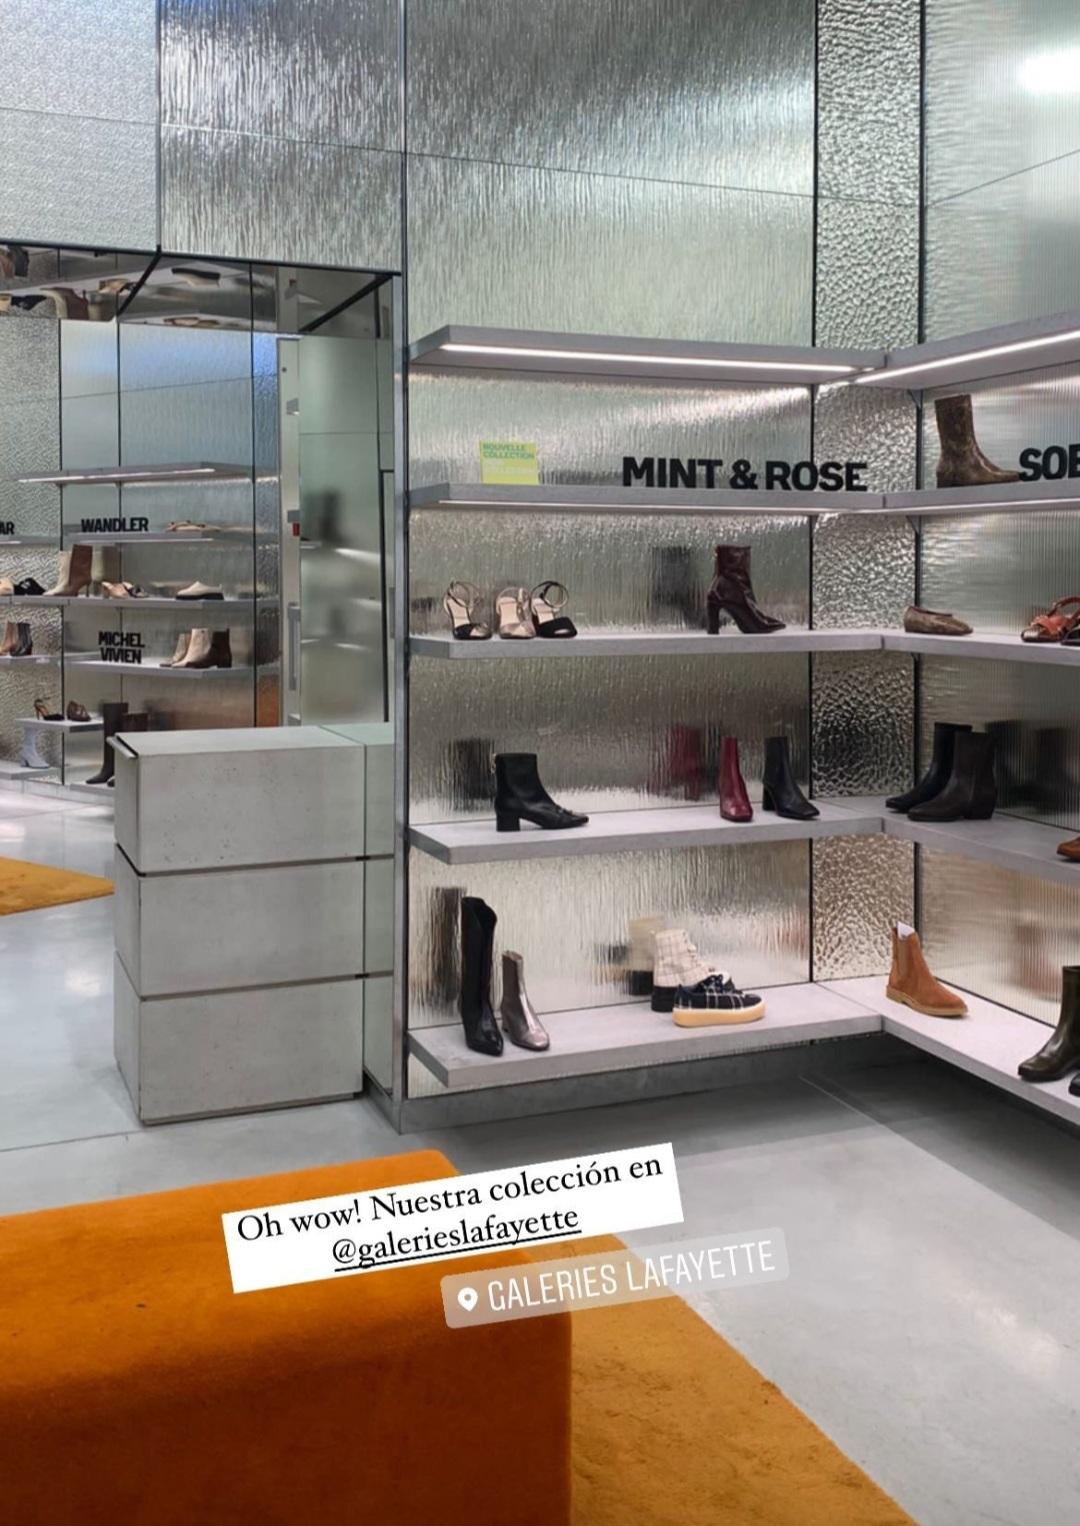 Esta imagen, traída de los Stories de mint &rose nos muestra el corner donde ya lucen los zapatos de la marca española en Galerie Lafayette.@